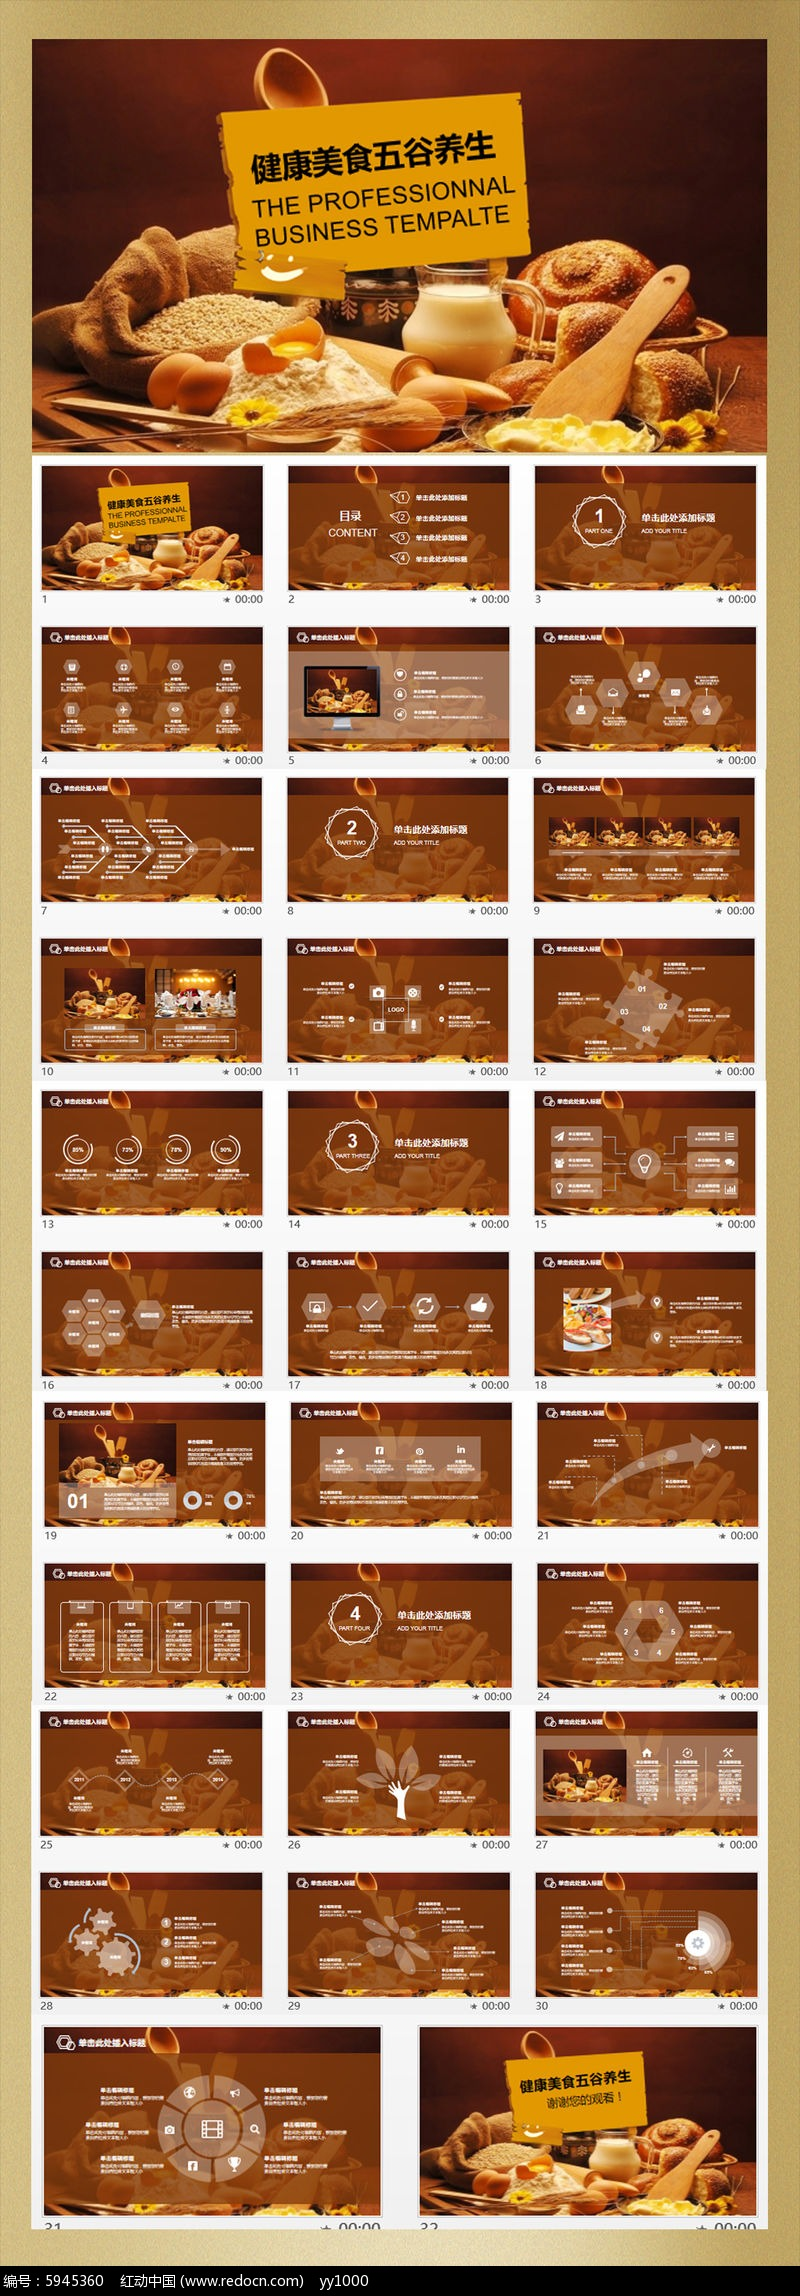 五谷杂粮健康美食养生PPT模板图片